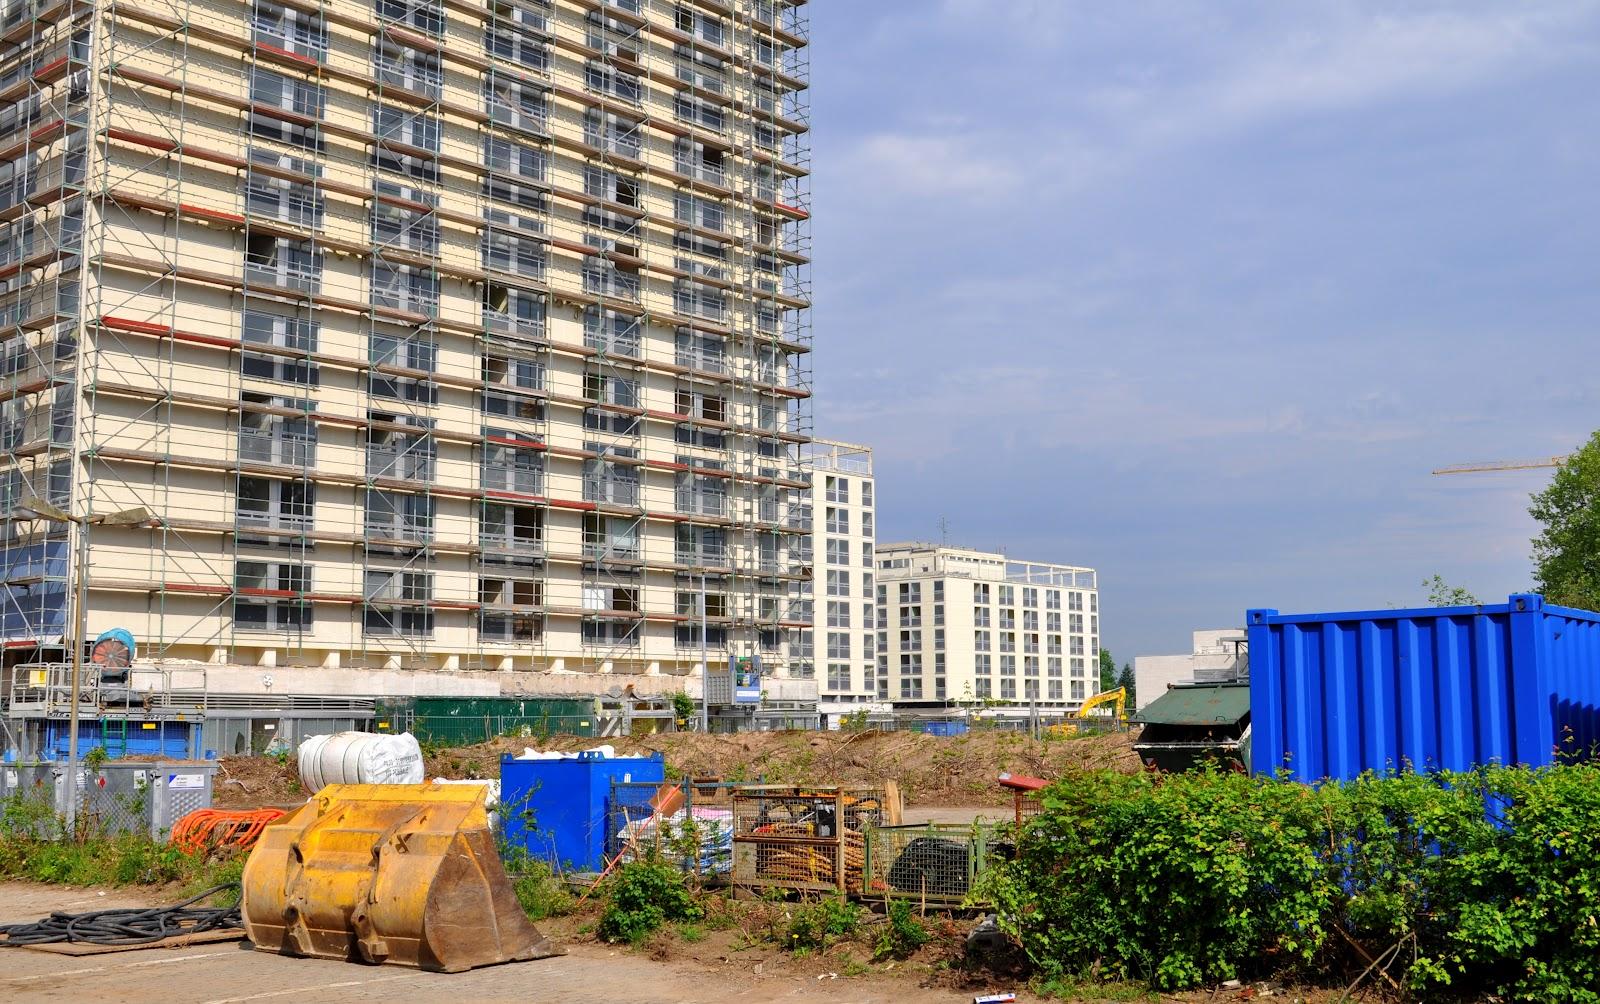 Baustelle mit Wohntürmen im Hintergrund